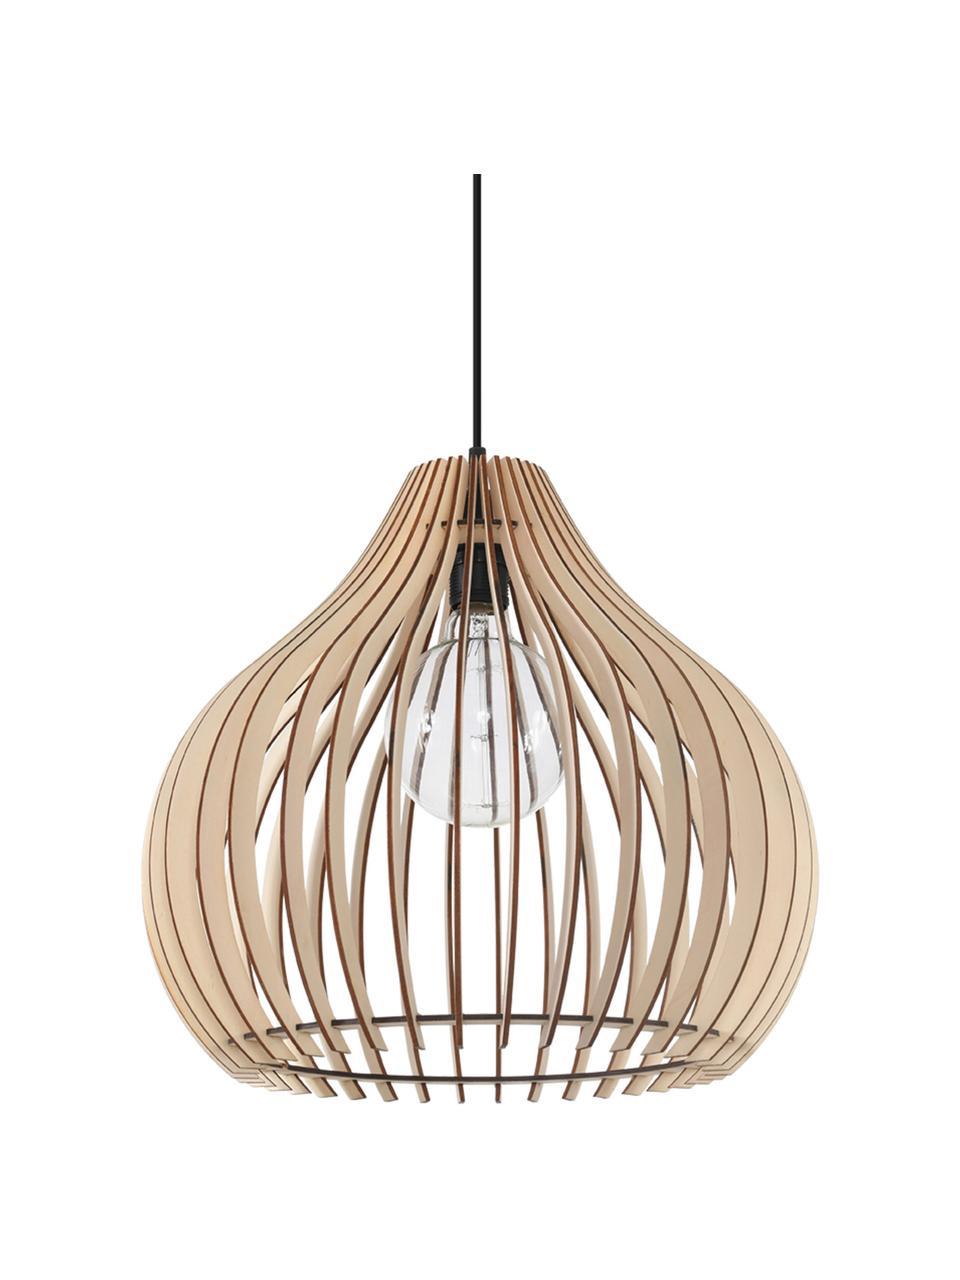 Lampada a sospensione in legno Pantilla, Paralume: legno, Baldacchino: materiale sintetico, Legno, nero, Ø 43 x Alt. 39 cm